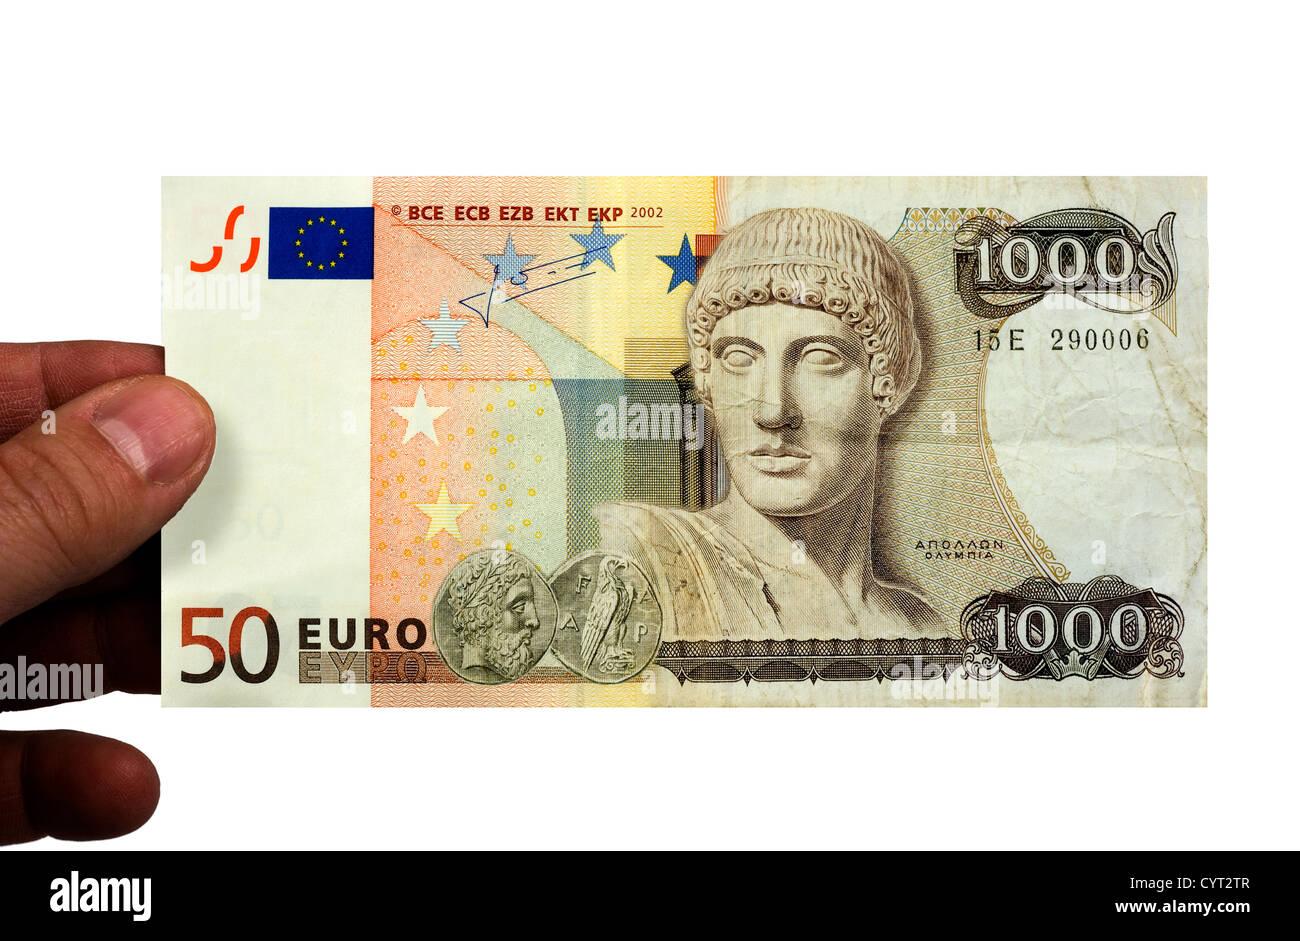 Una factura de 50 euros, y un 1000 drachmen bill combinados. Foto de stock